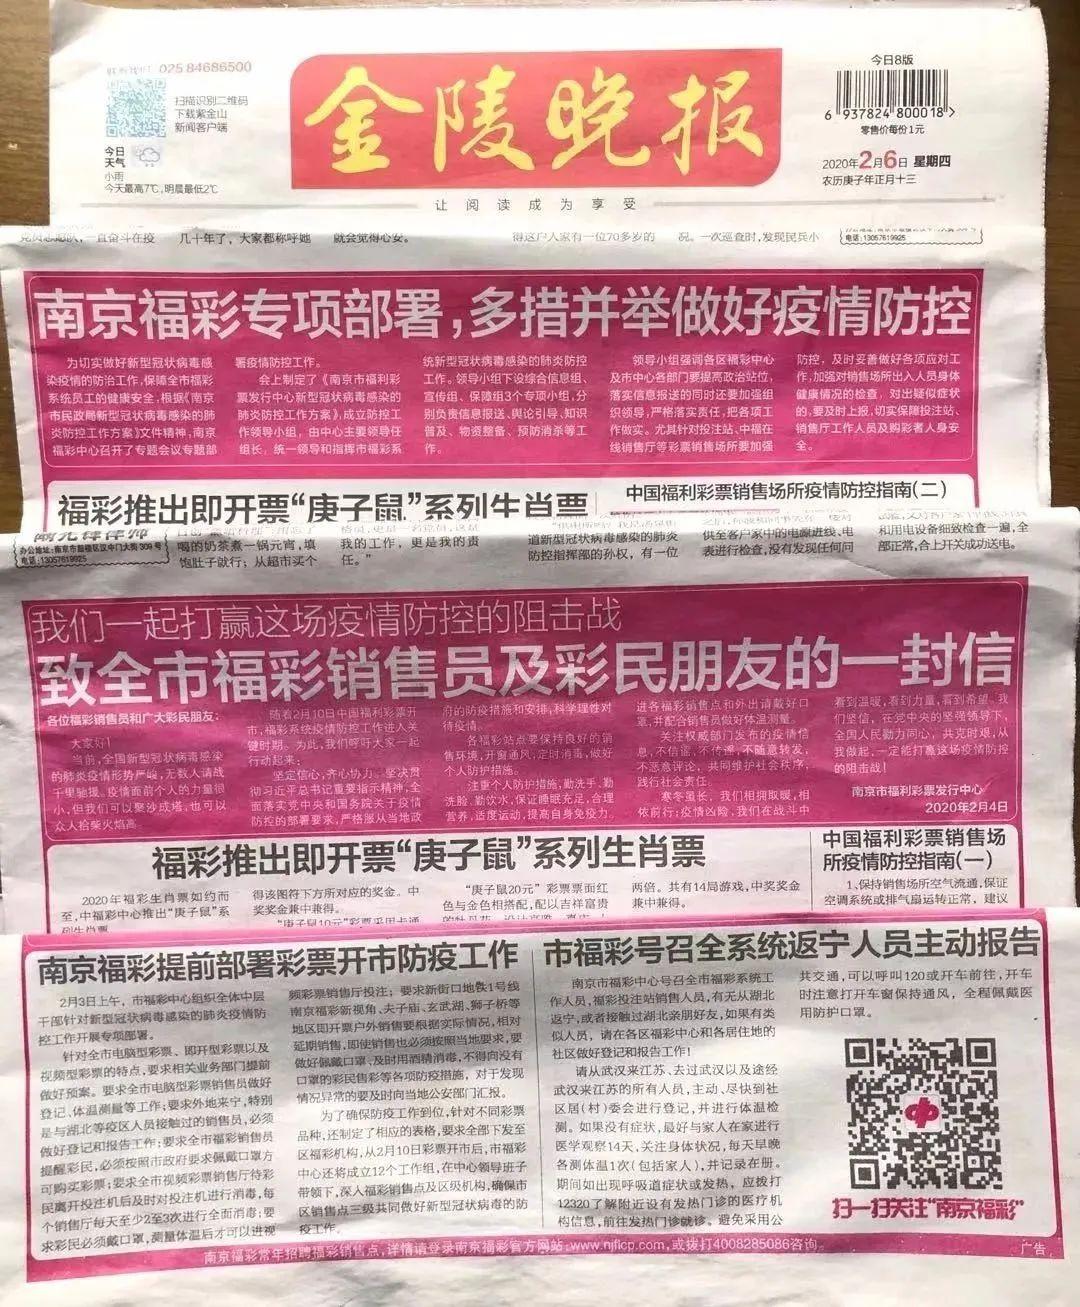 南京福彩抗擊疫情恢復銷售 同步抓 兩手硬